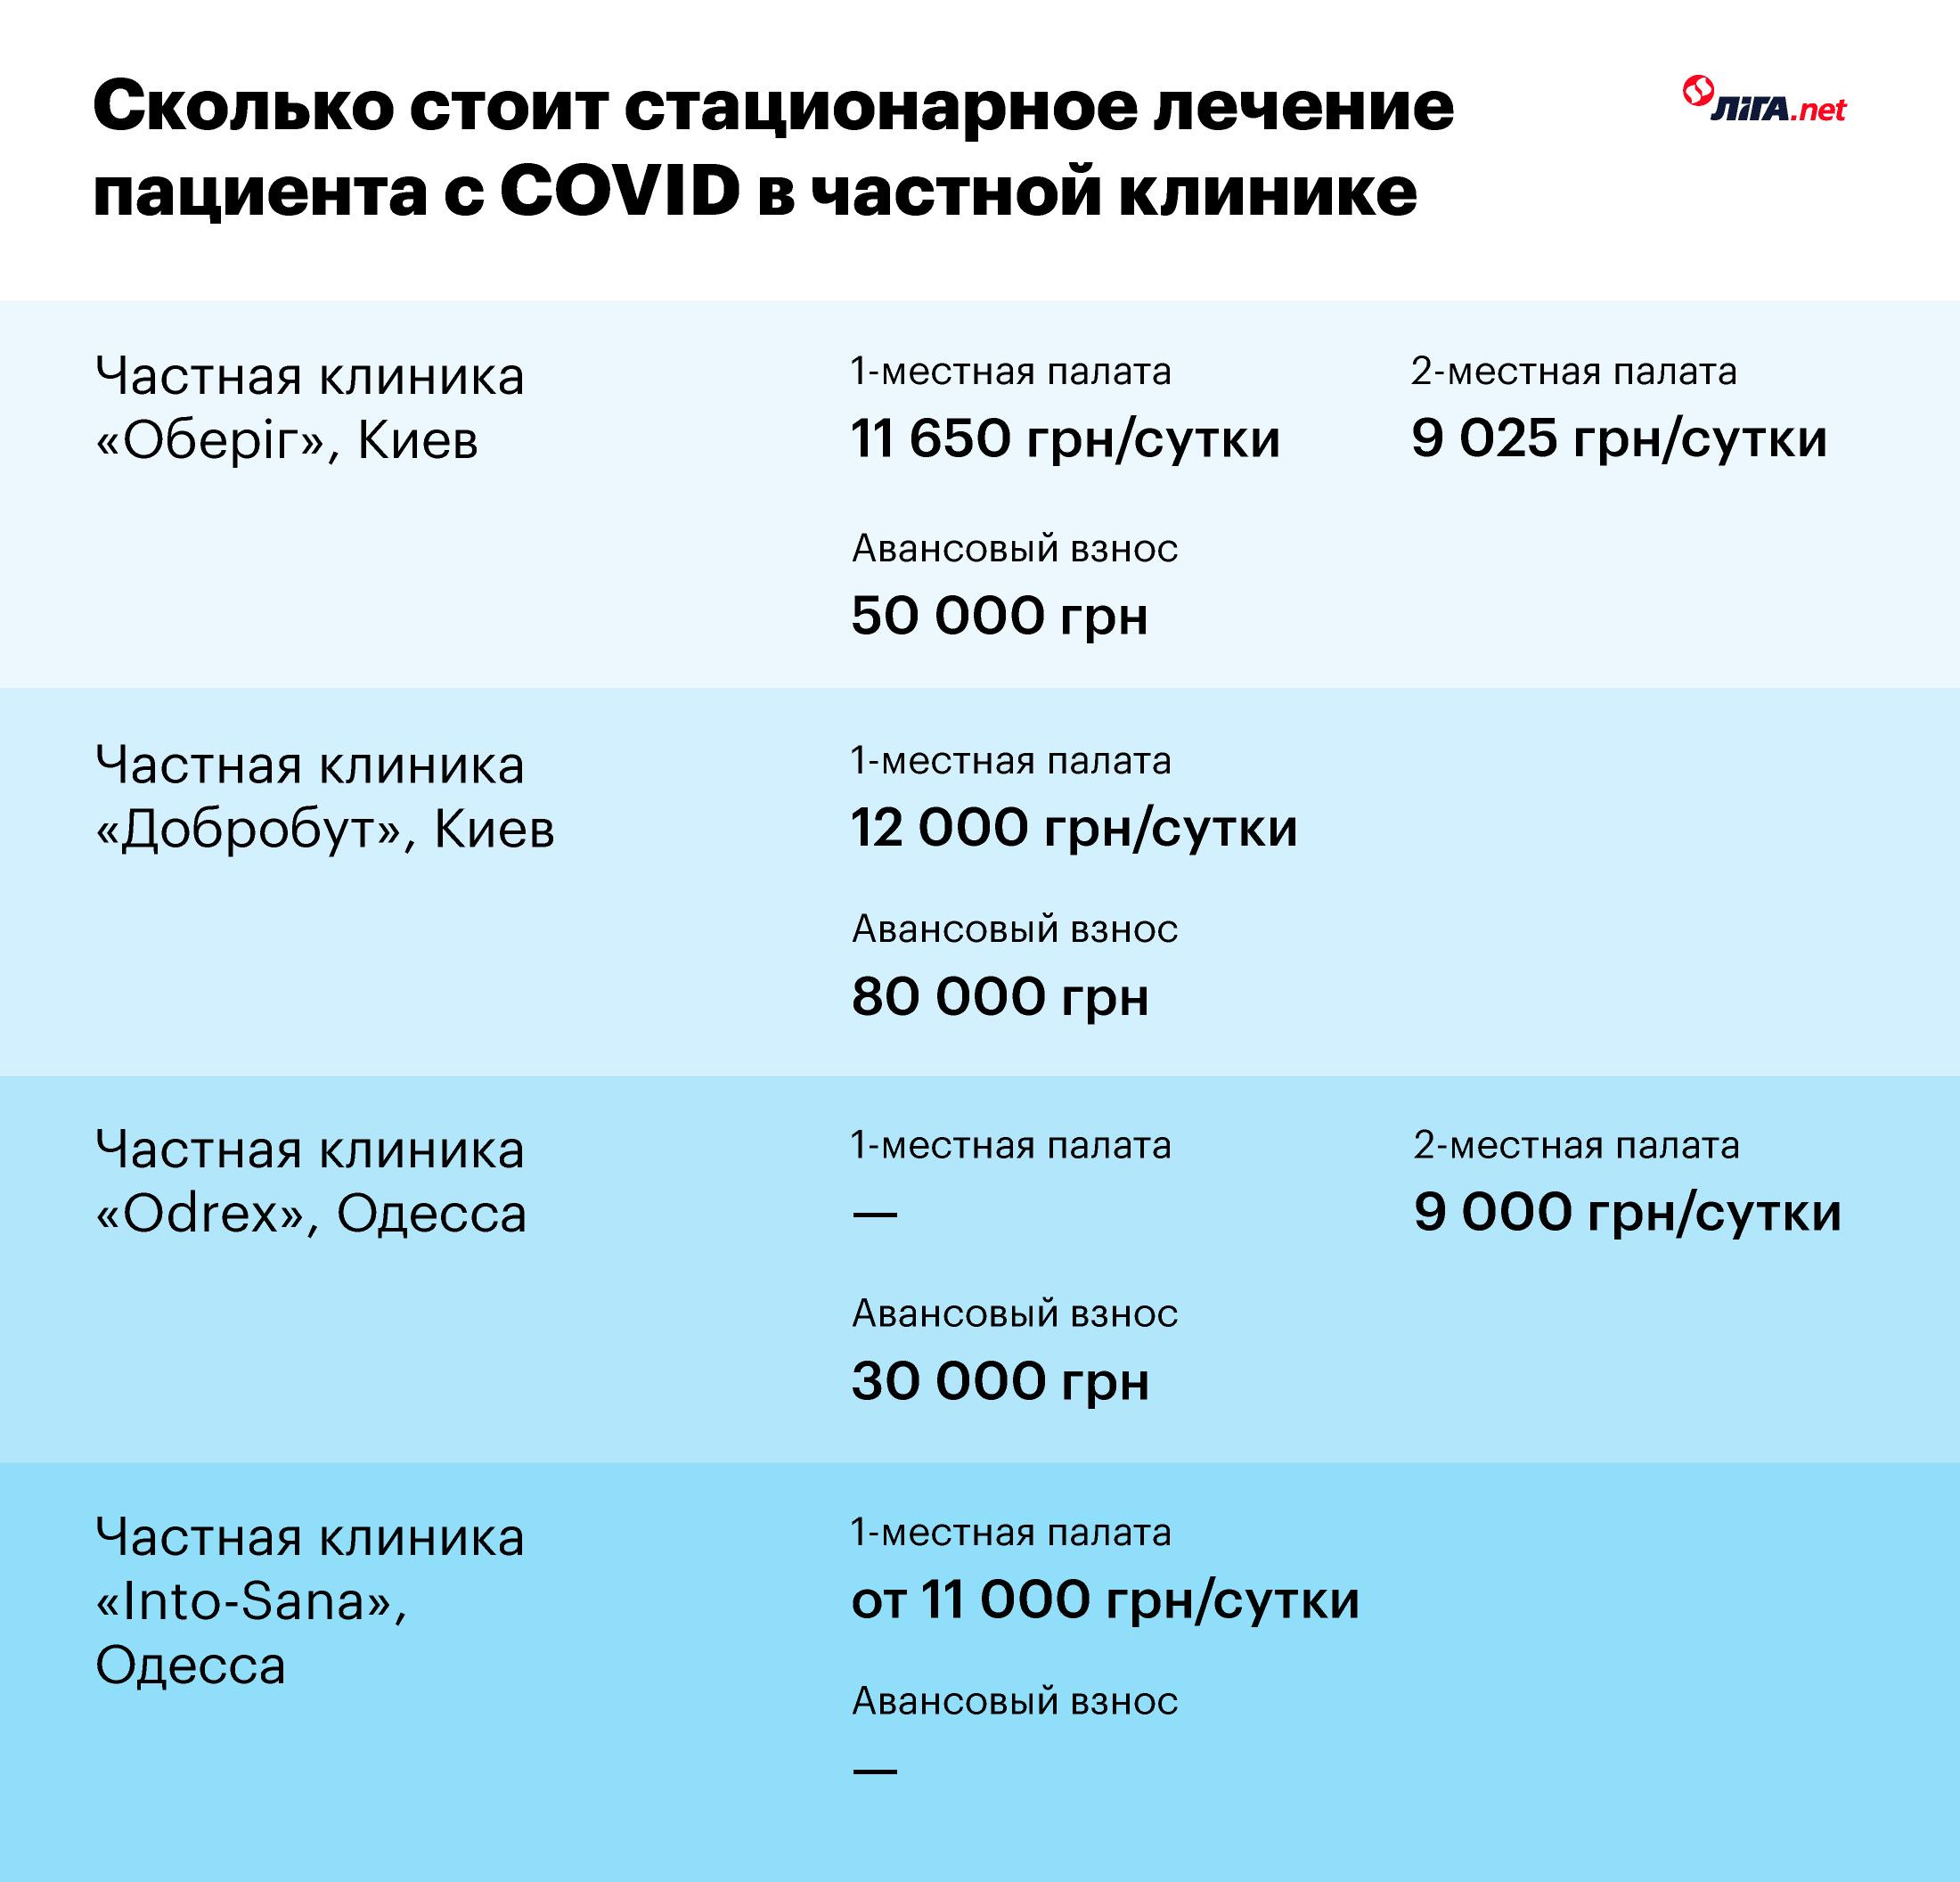 Инфографика LIGA.net, данные клиник